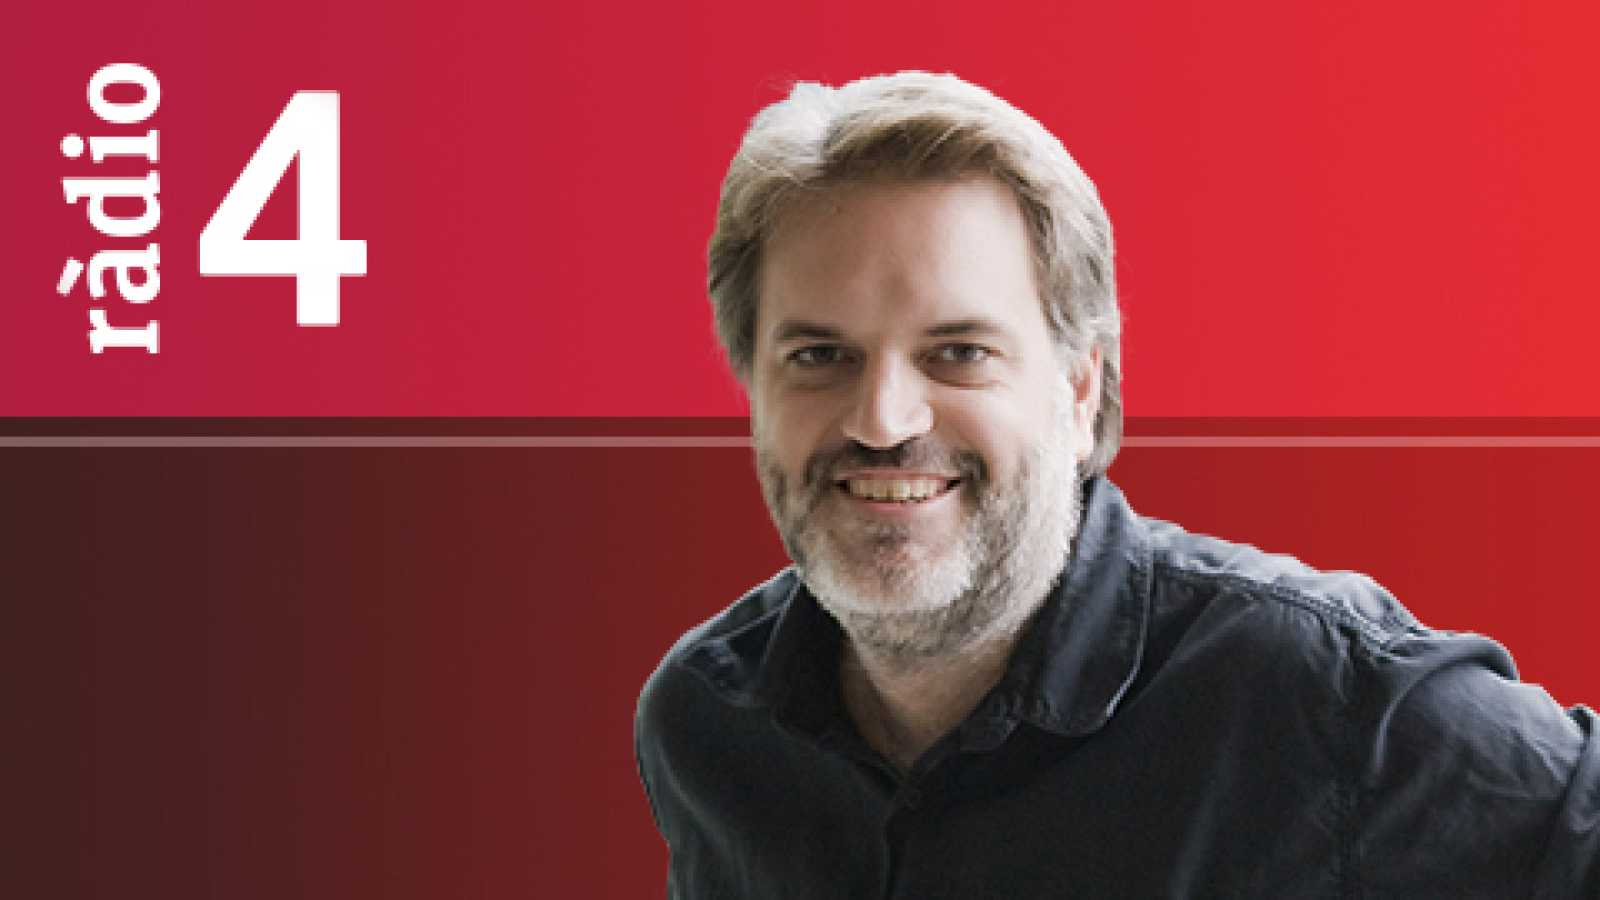 El matí a Ràdio 4 - La MIrada - Connexió Ferran Grau - Literatura